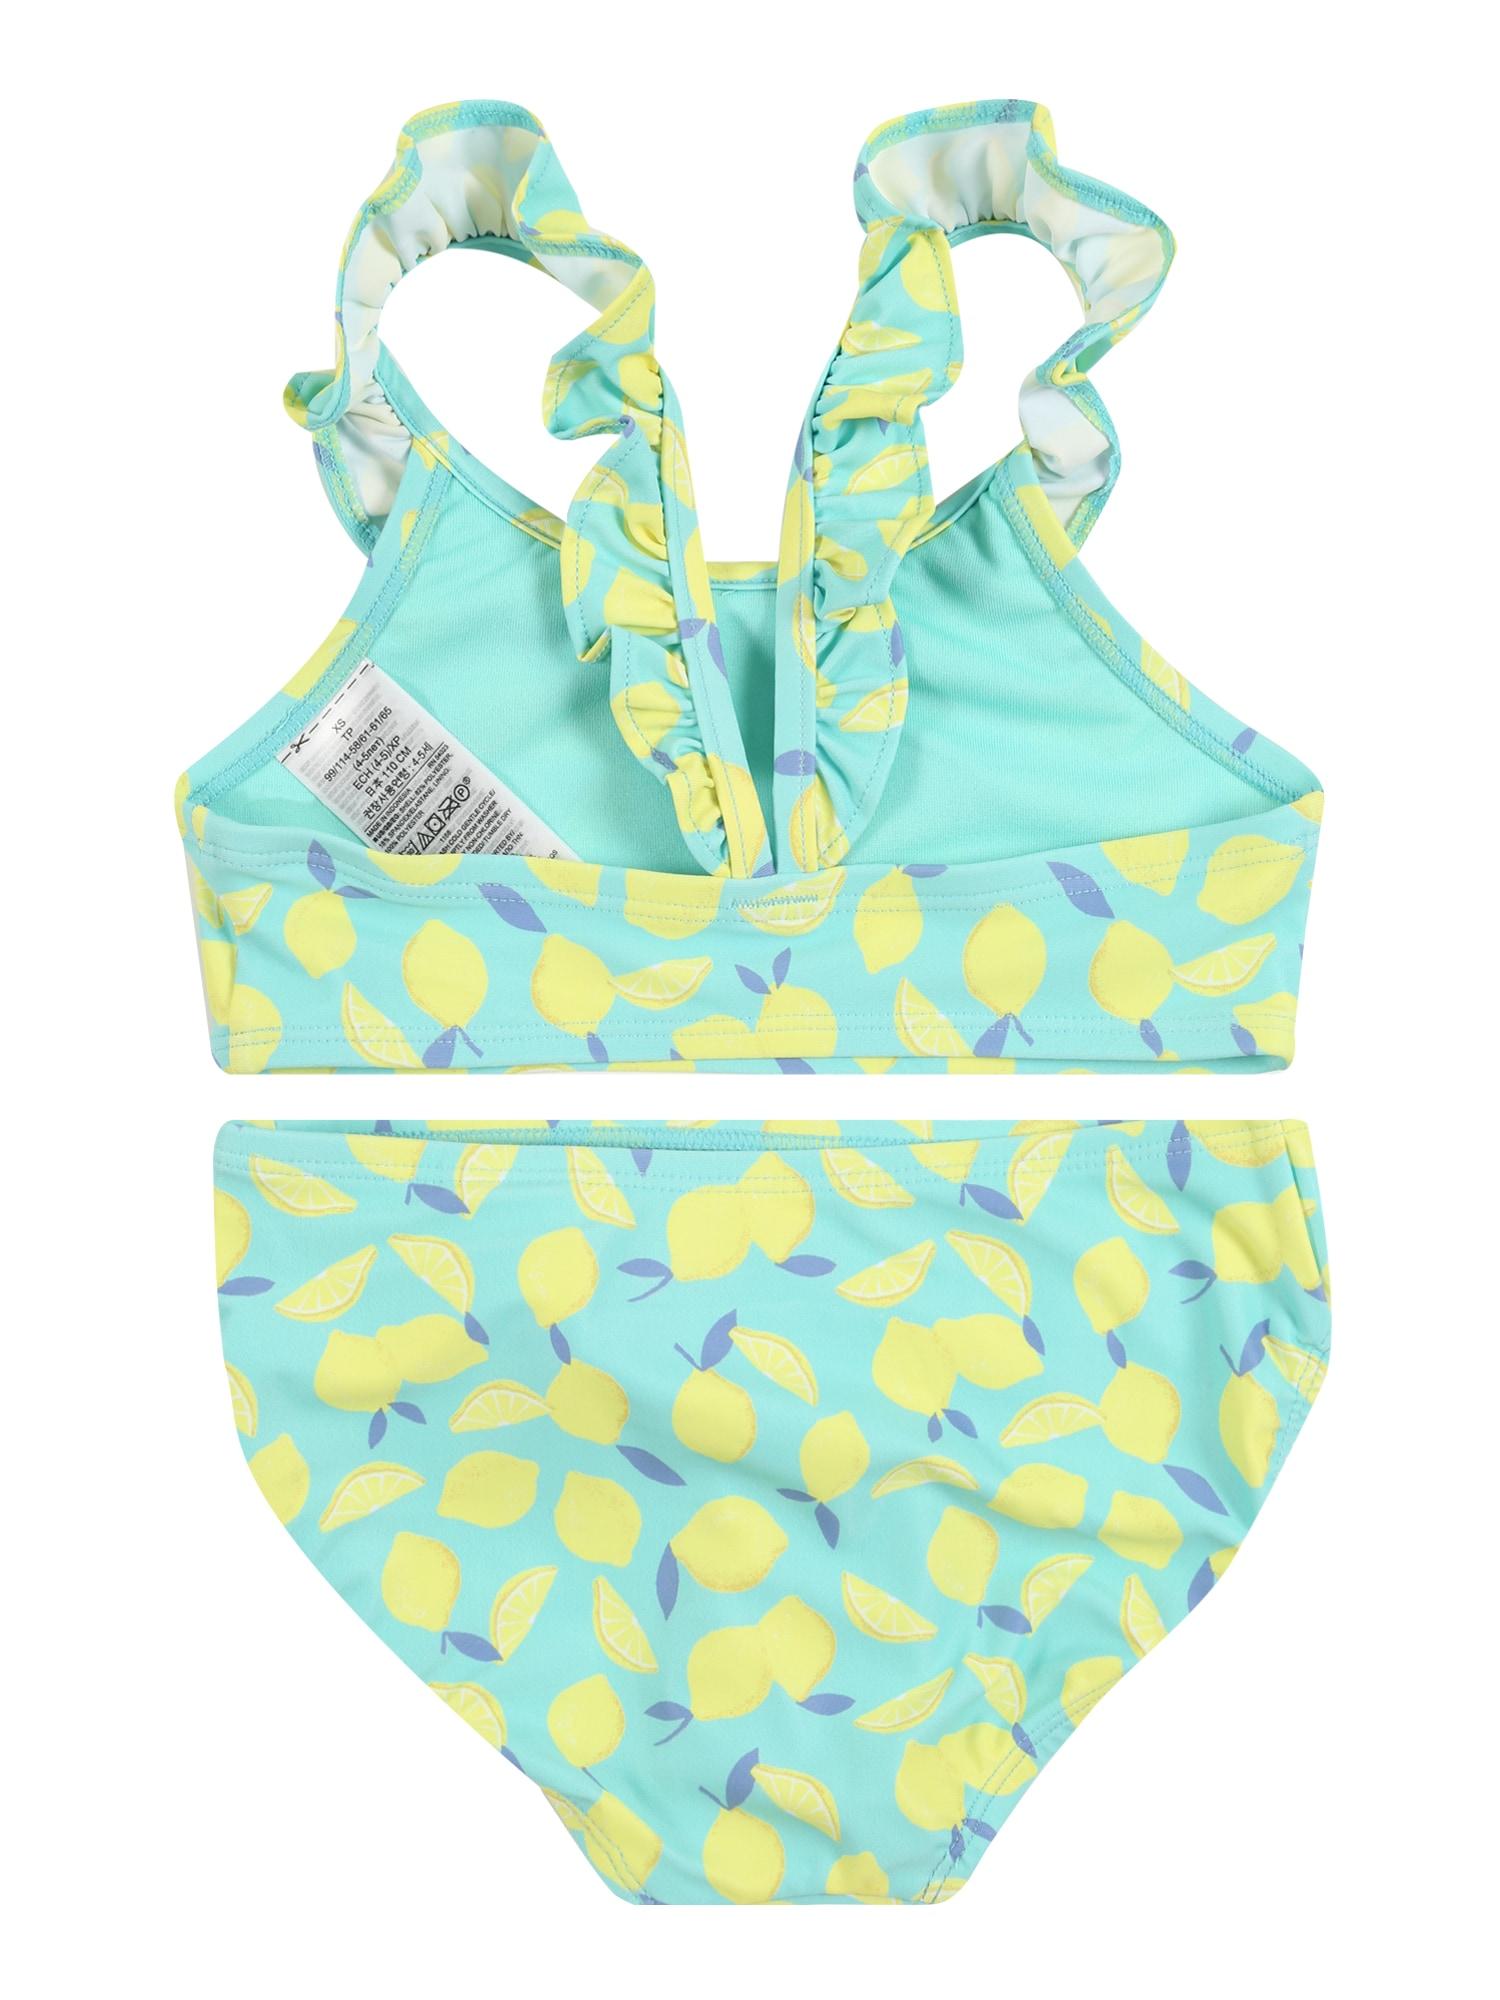 GAP Bikinis 'LEMON' citrinos spalva / turkio spalva